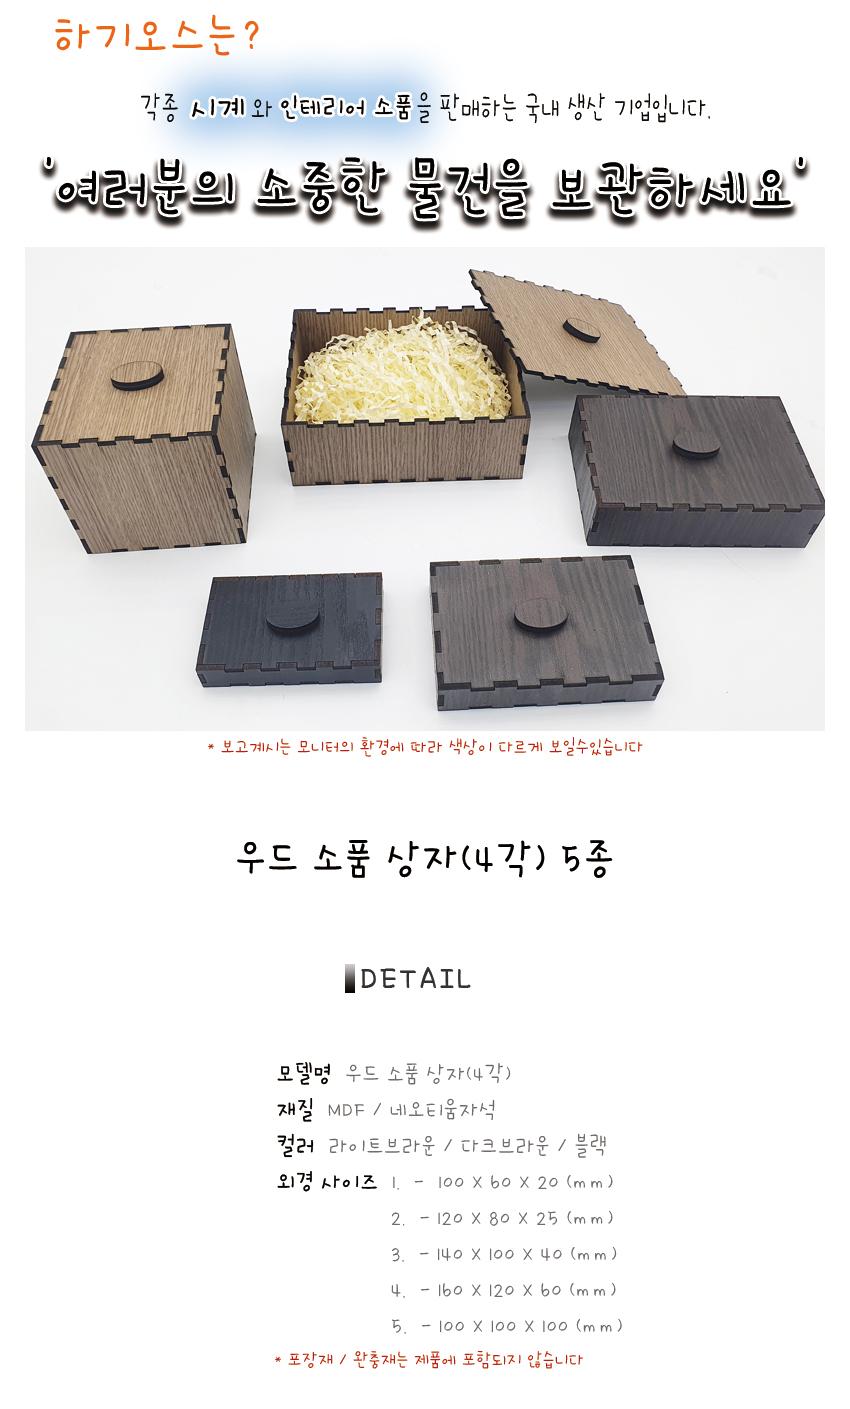 [우드소품상자 4각] 소품상자(JKE23)-하기오스 (5종) 이미지